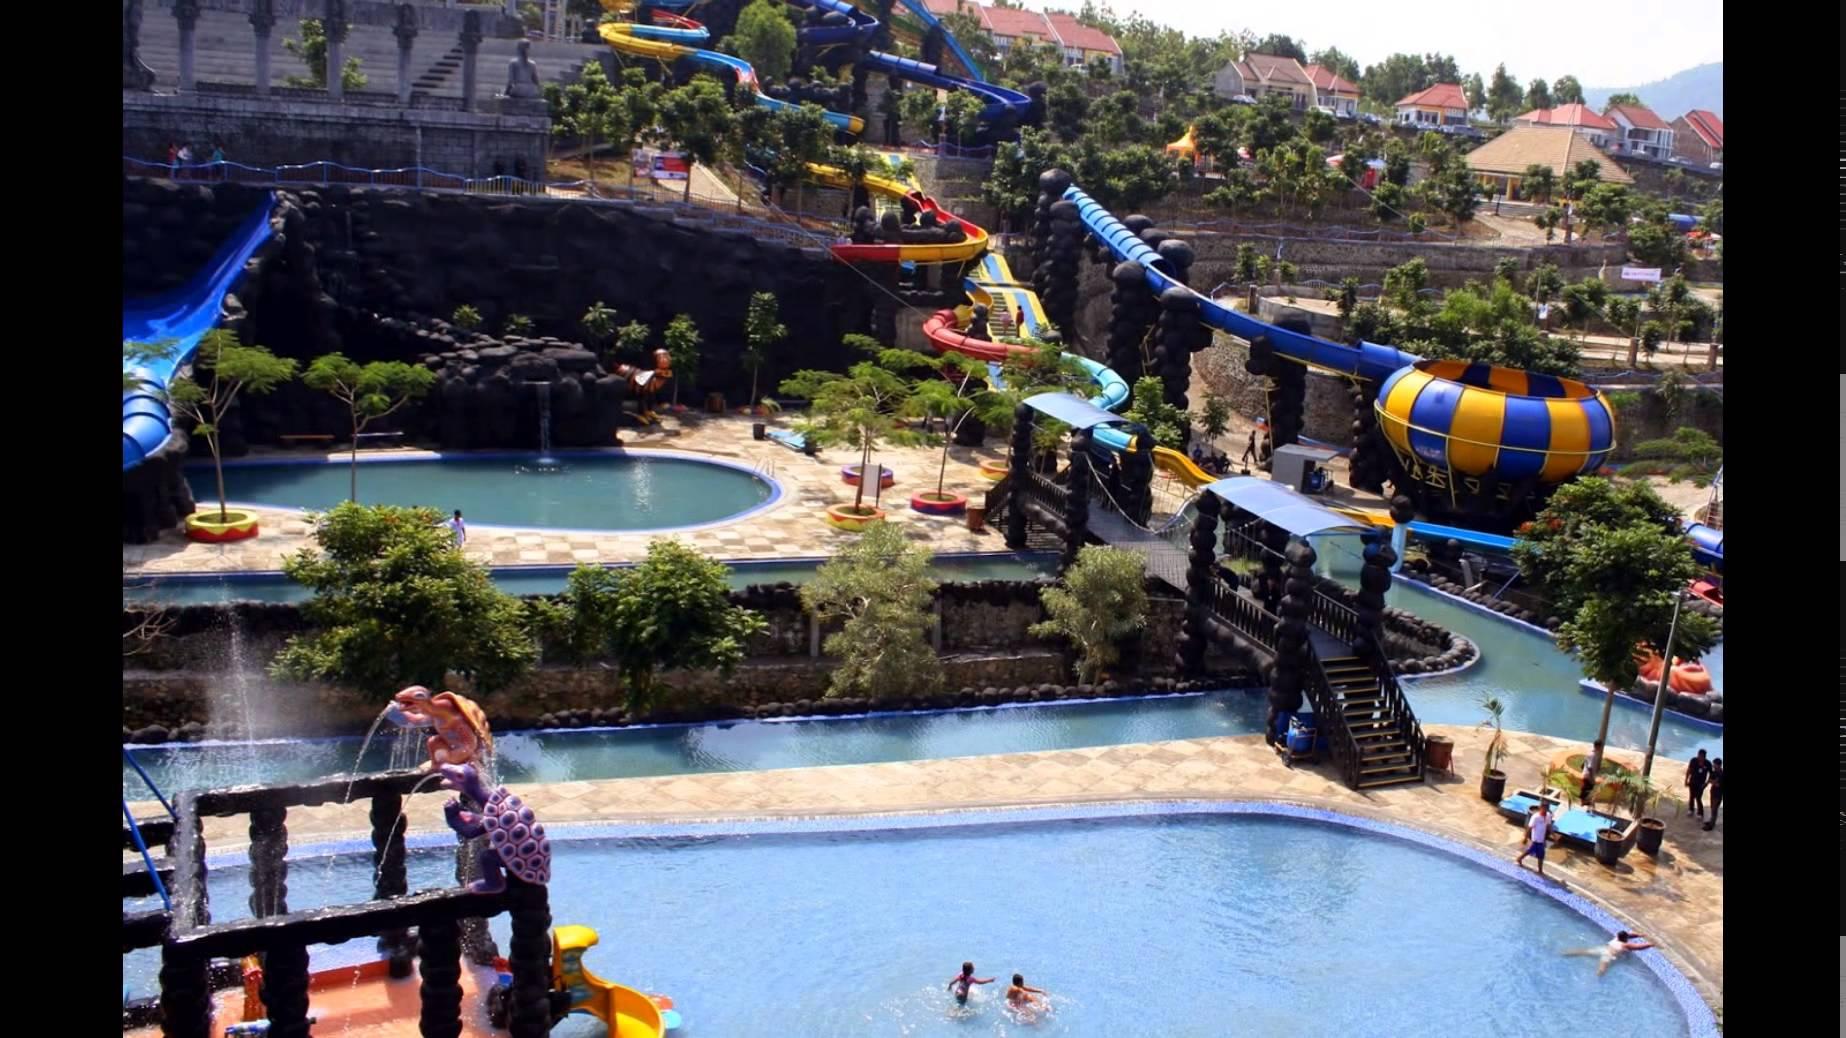 Hotel Dekat Water Park Kediri Youtube Gumul Paradise Island Kab